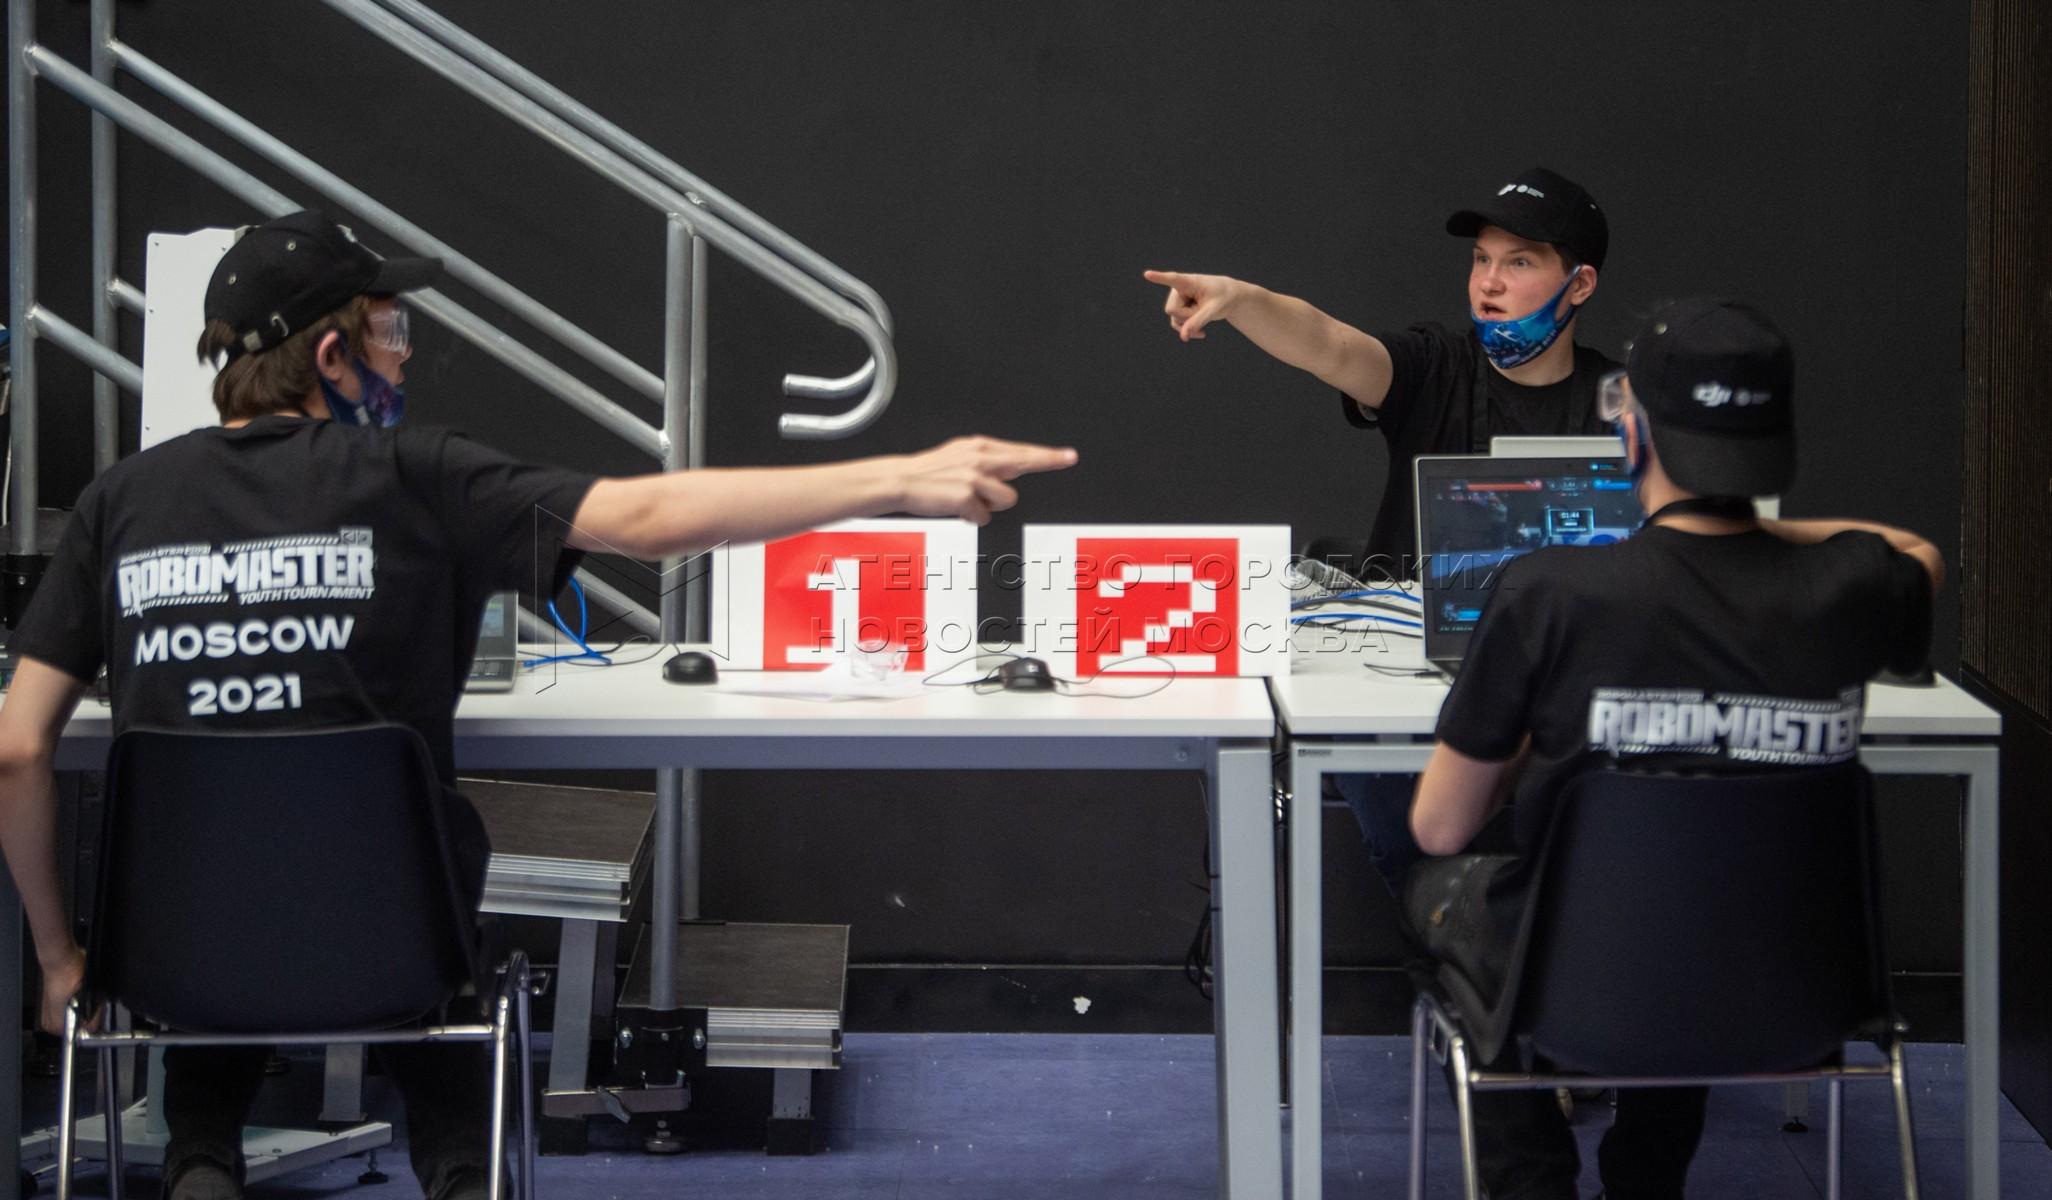 Региональный чемпионат международного конкурса по авиаробототехнике и машинному зрению DJI RoboMaster Youth в инновационно-образовательном комплексе «Техноград» на ВДНХ.